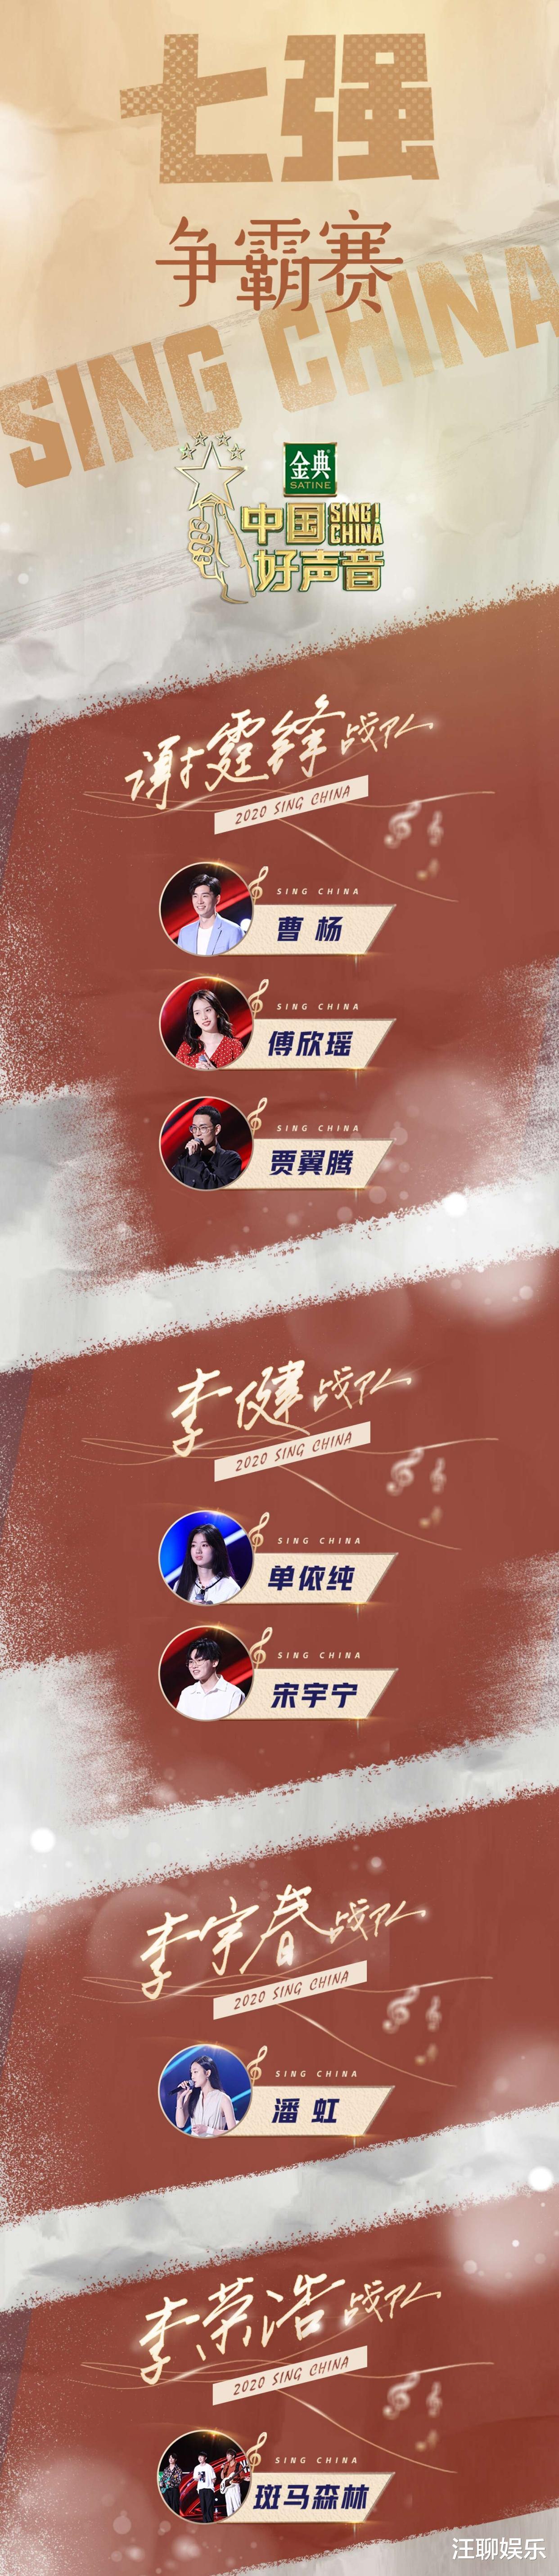 《中國好聲音》七強賽: 單依純再次登頂, 但真正的對手也浮出水面-圖5